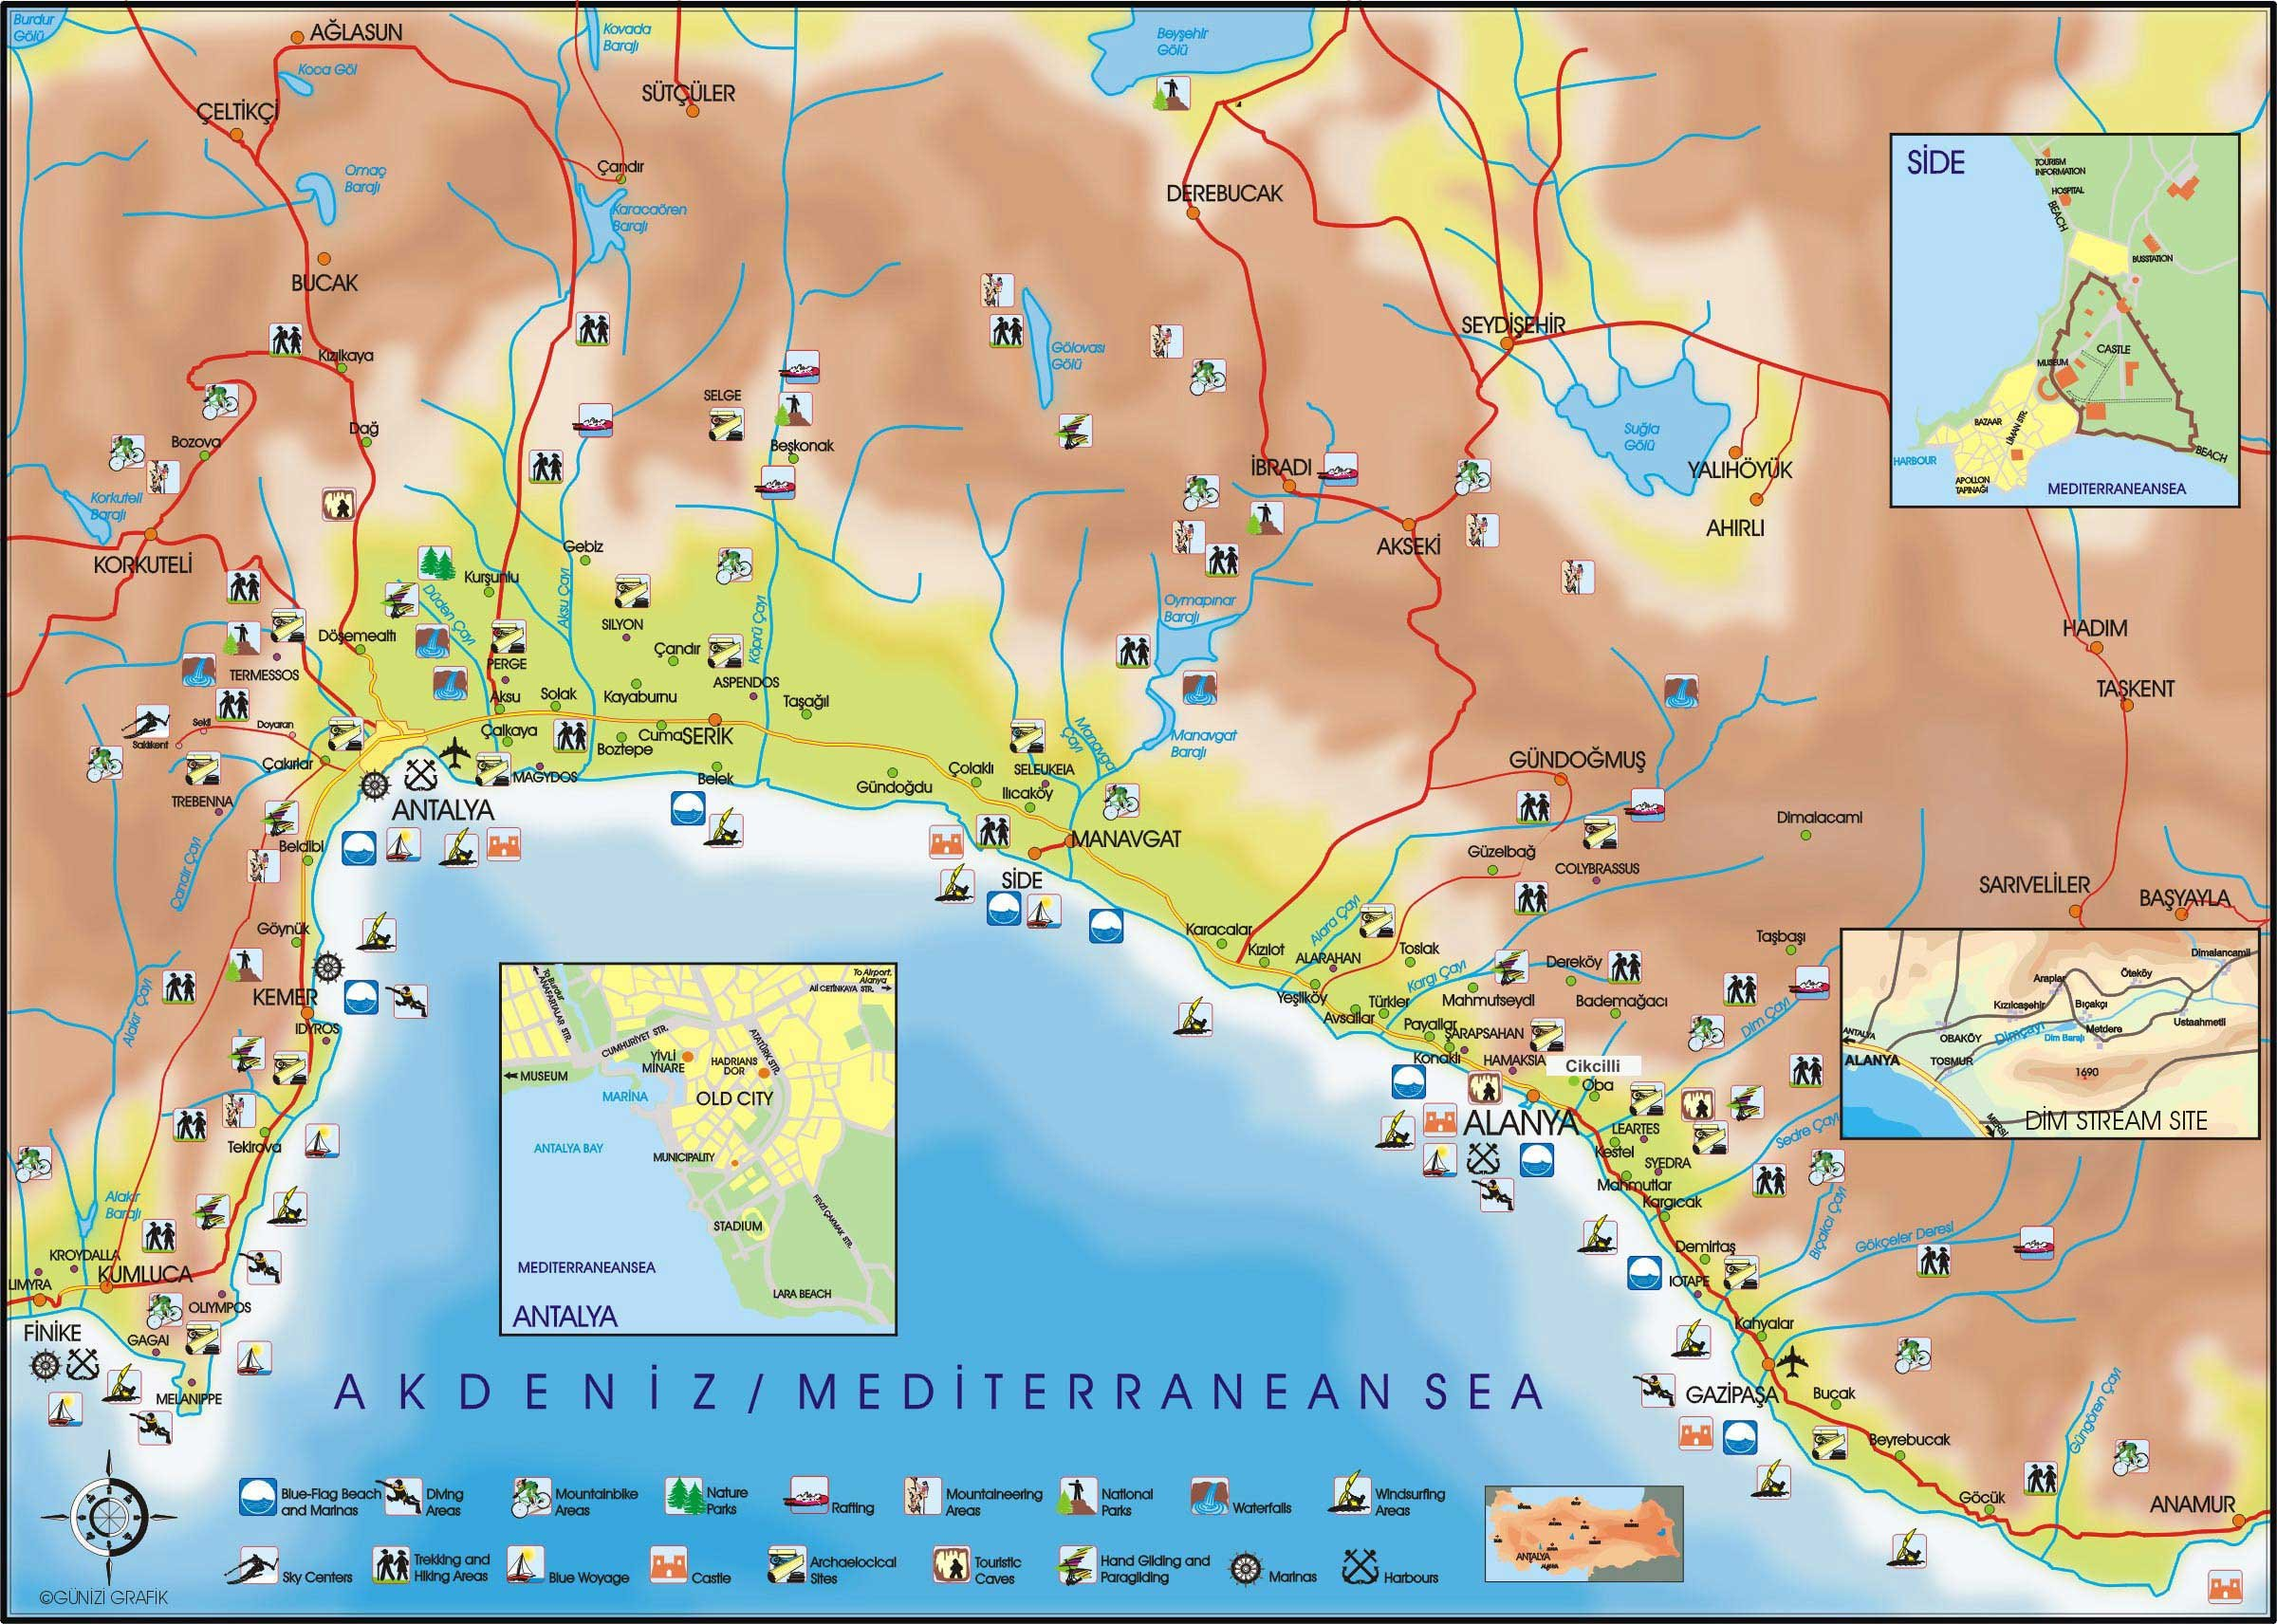 Karty Antalii Turciya Podrobnaya Karta Antalii Na Russkom Yazyke S